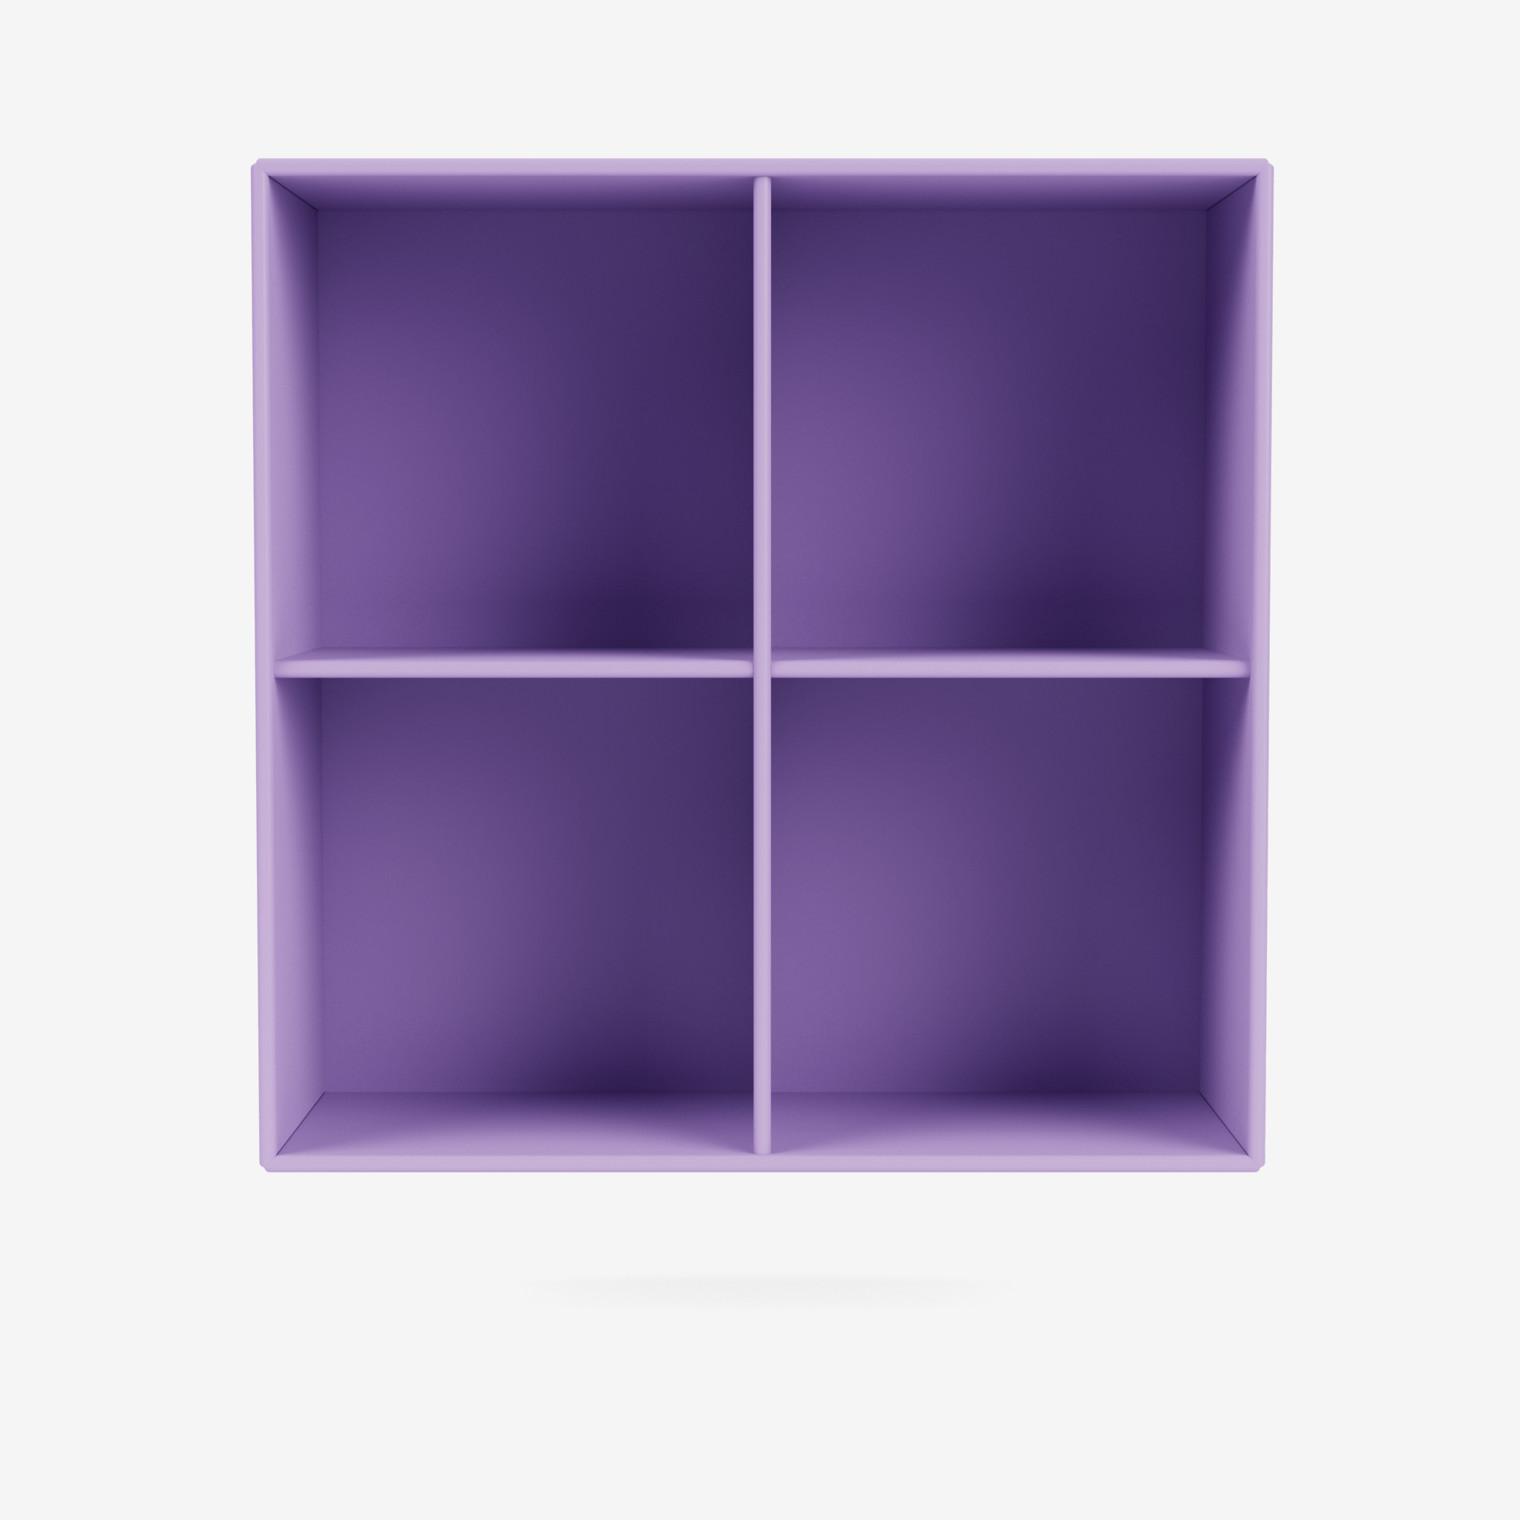 Shelf 1112 - SHOW